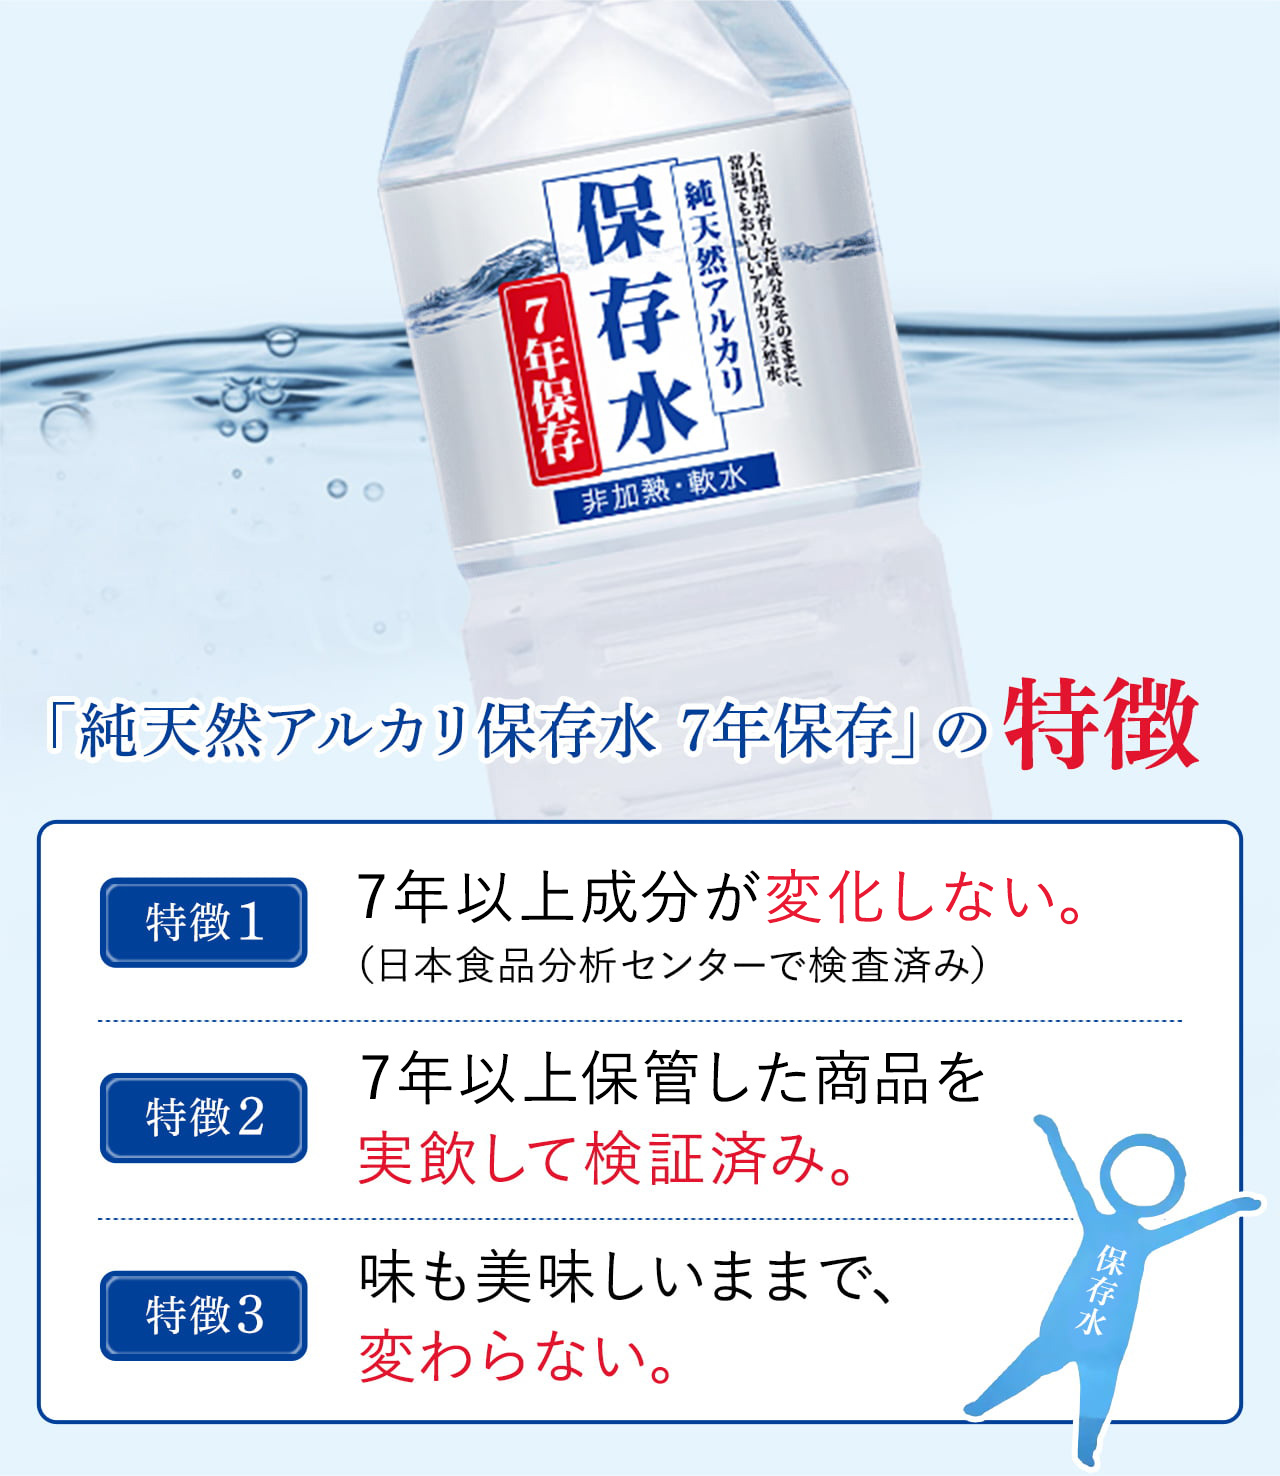 「純天然アルカリ保存水 7年保存」の特徴 特徴1 7年以上成分が変化しない(日本食品分析センターで実証済み) 特徴2 7年以上保管した商品を実飲して検証済み。特徴3 味も美味しいままで変わらない。